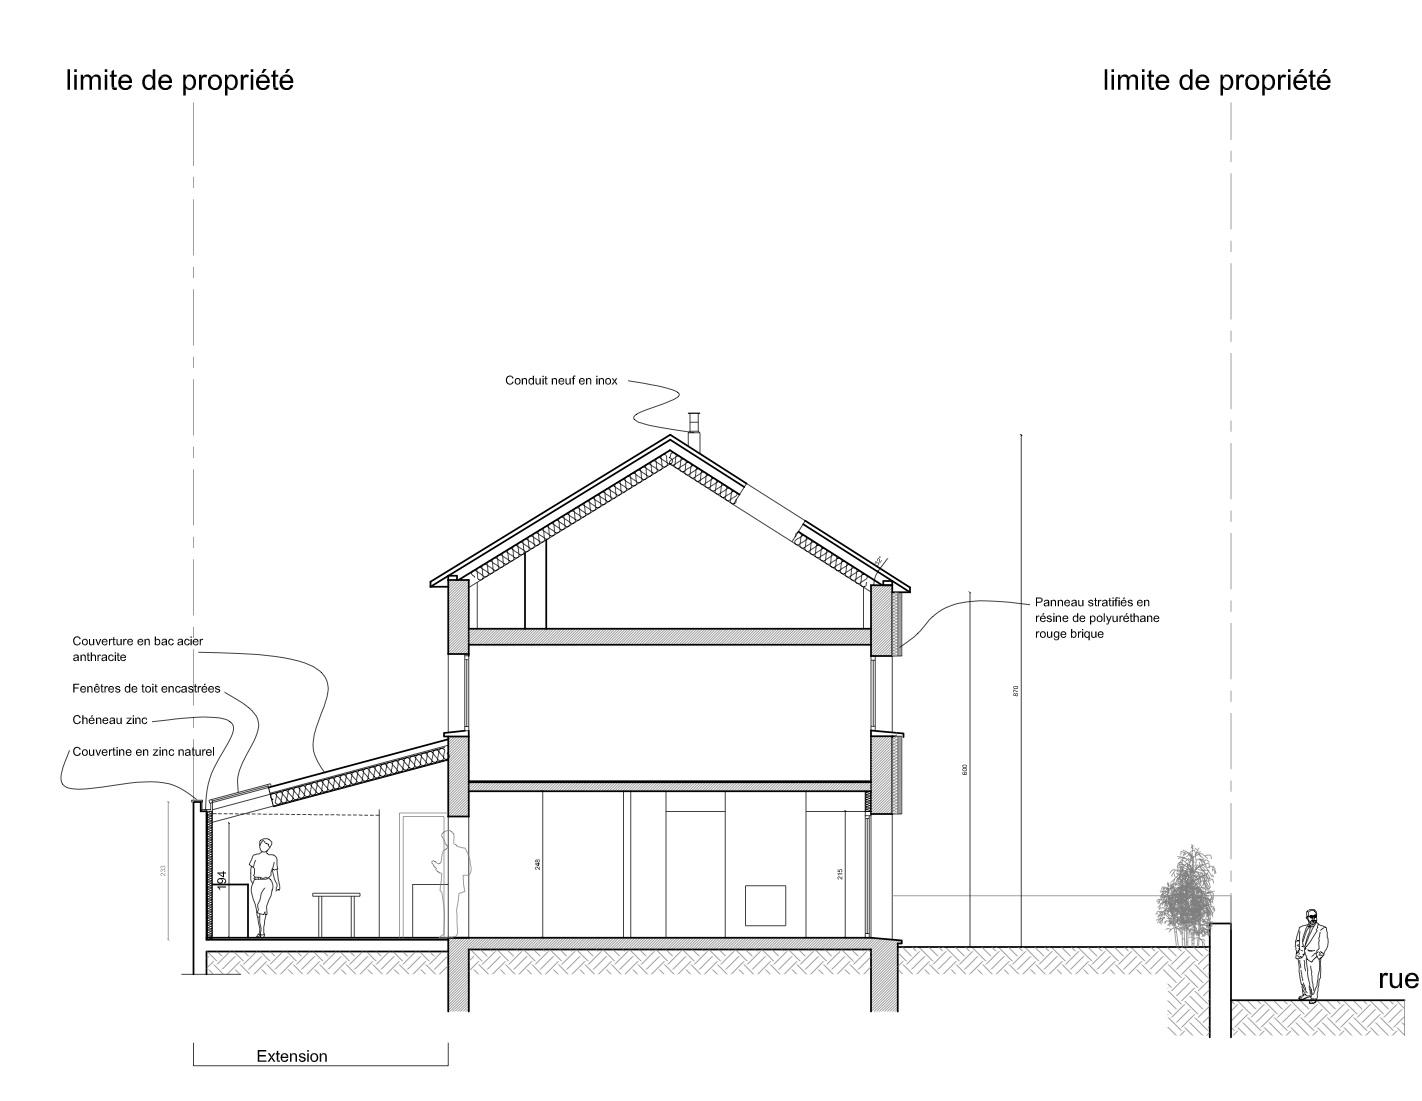 Coupe jean hugues berville architecte rouen for Architecte 3d plan de coupe